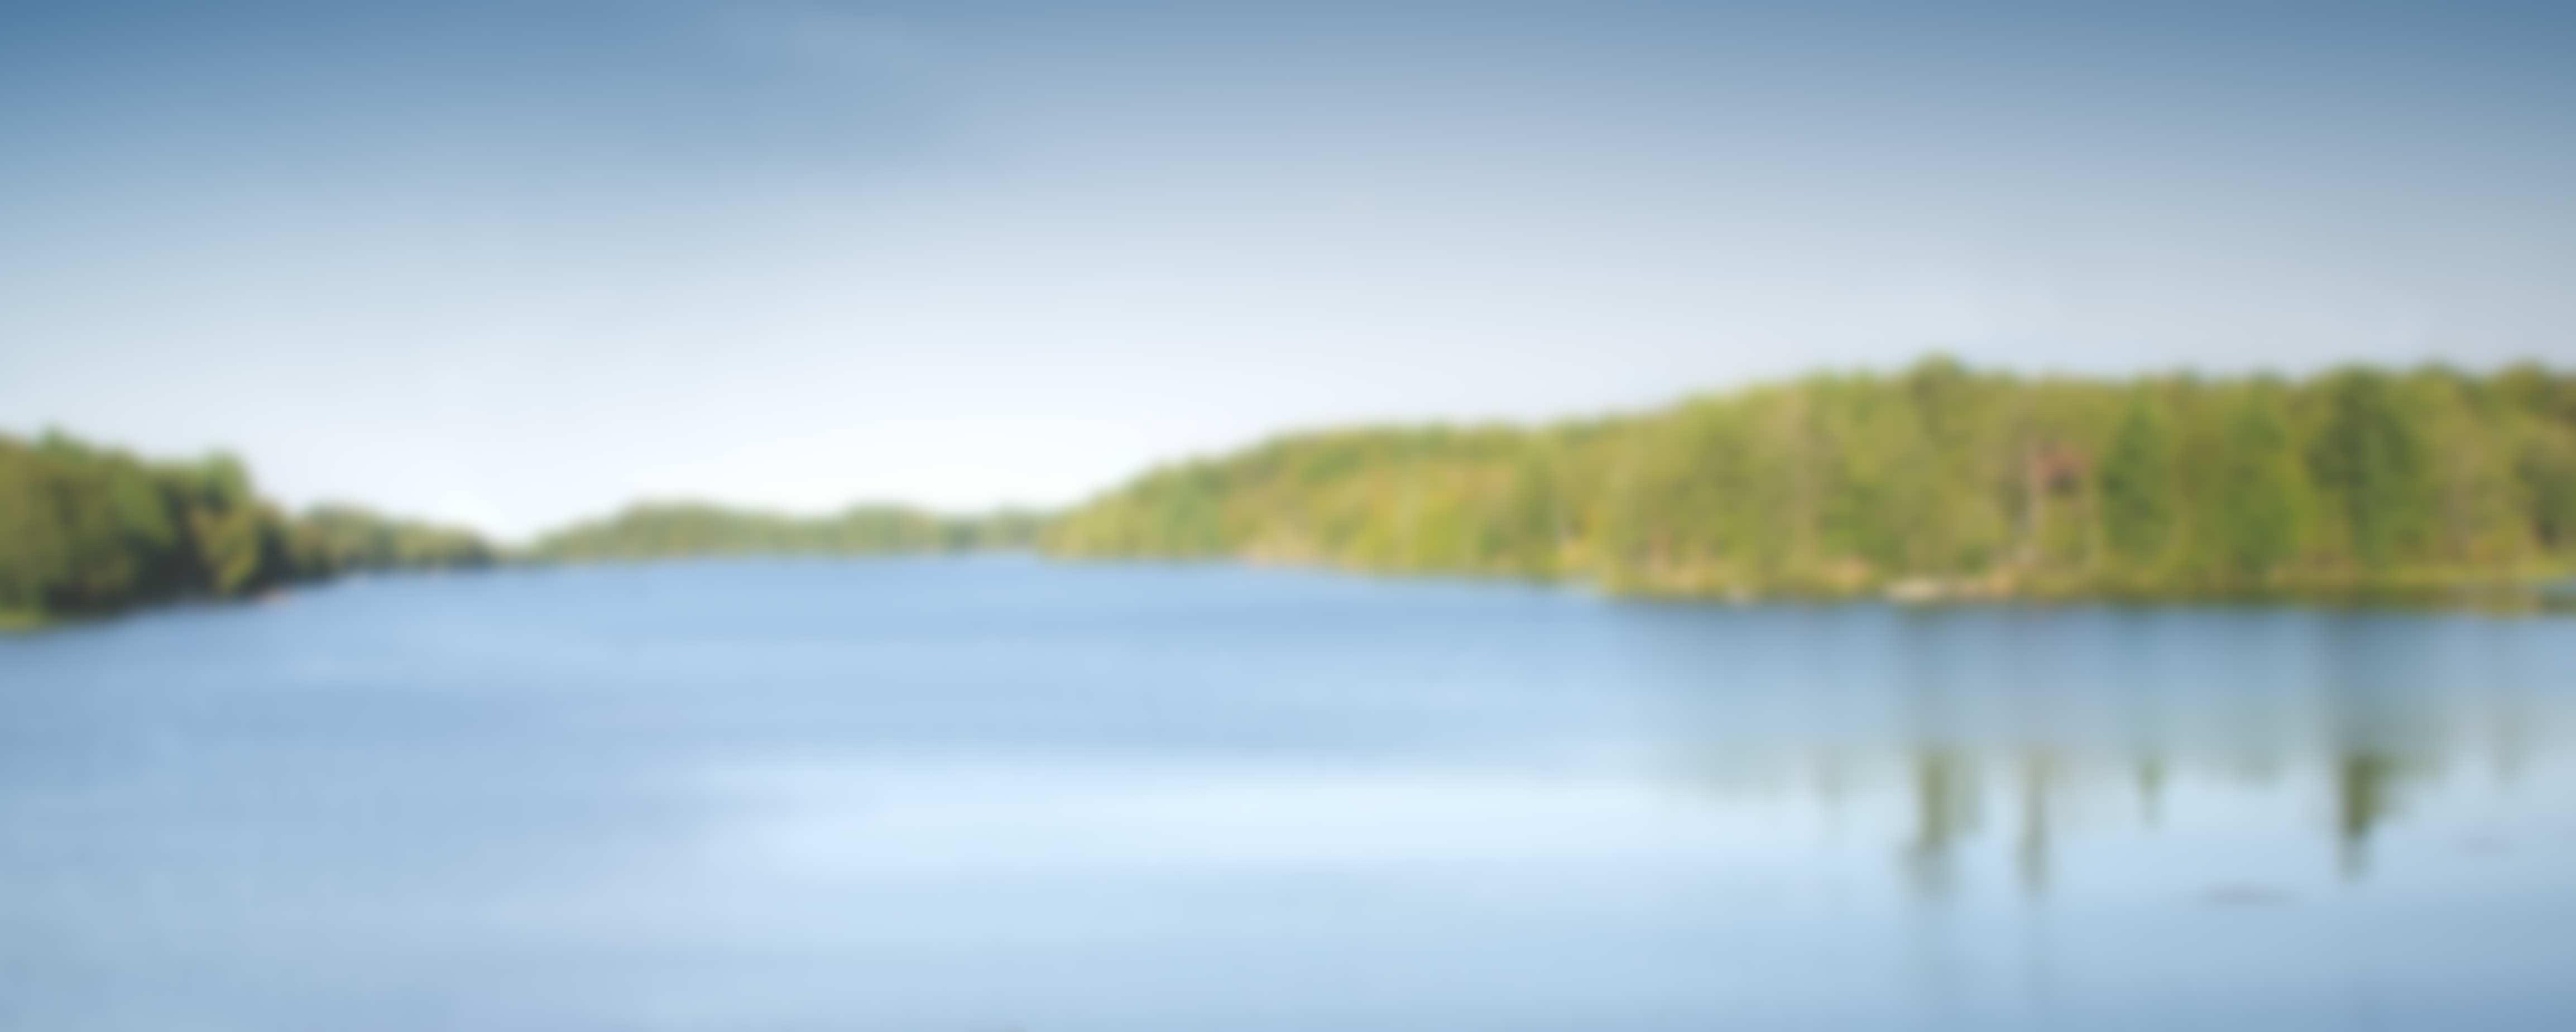 Lake Background